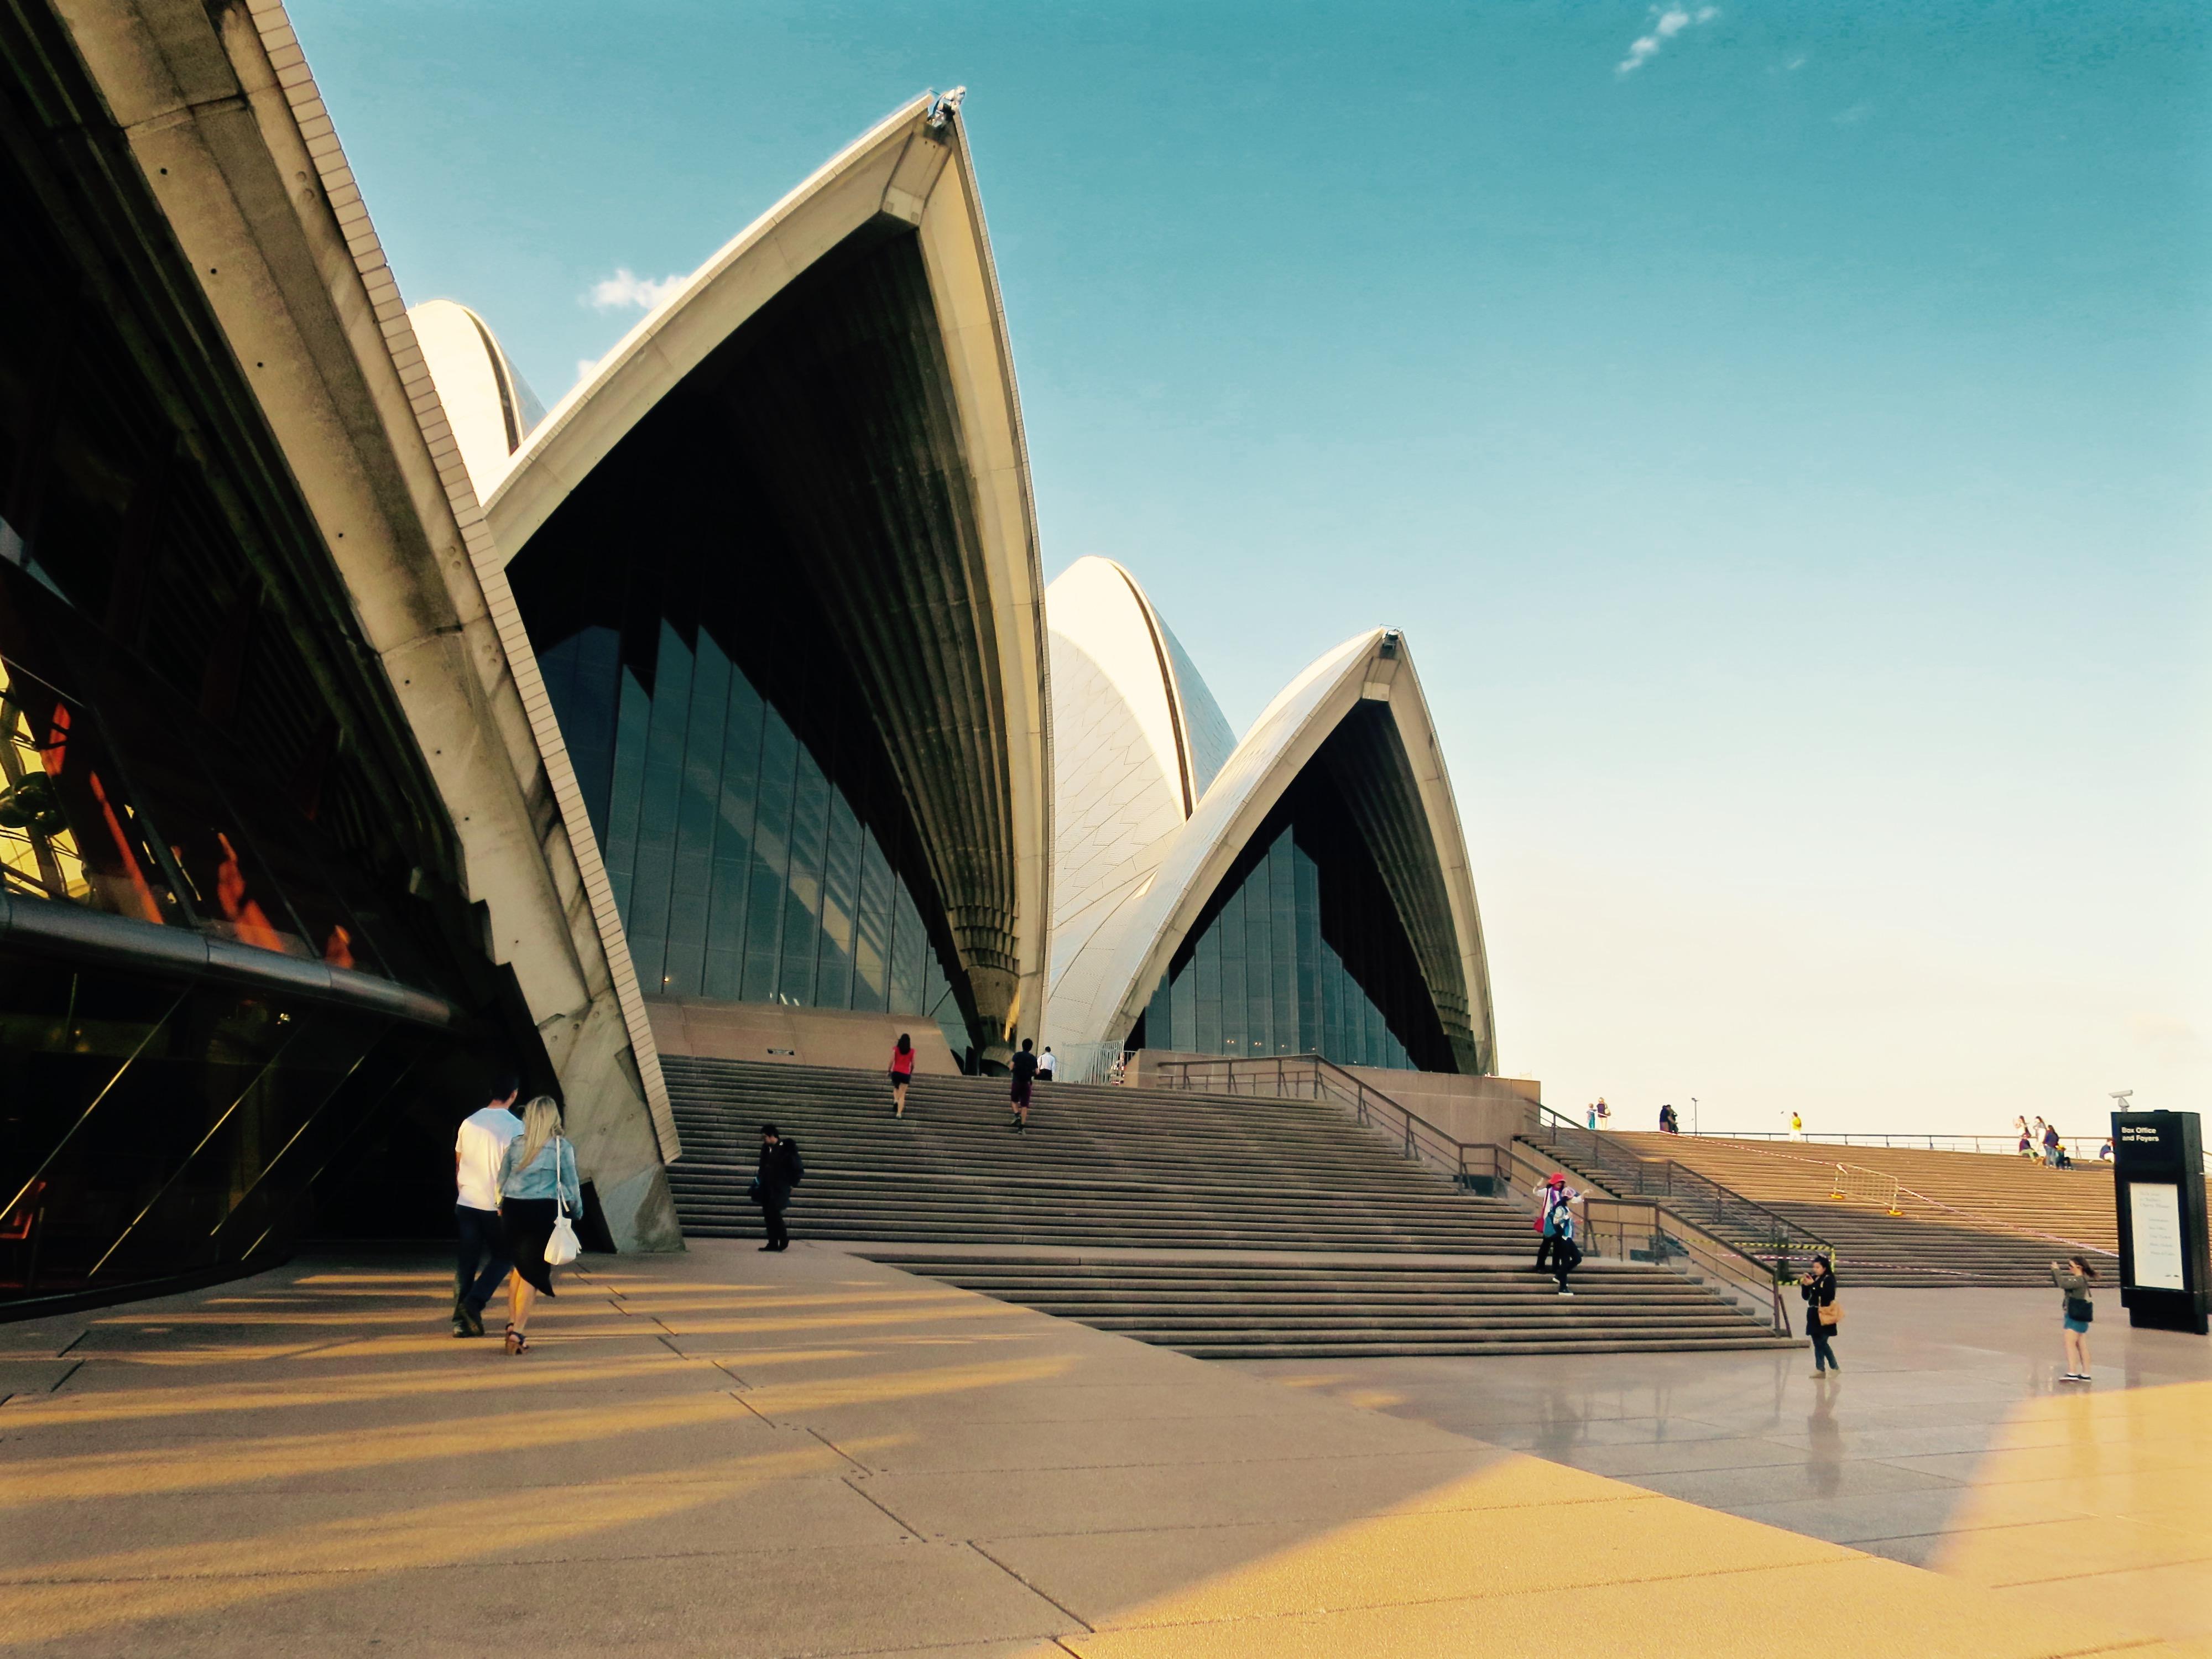 Opera House 近景